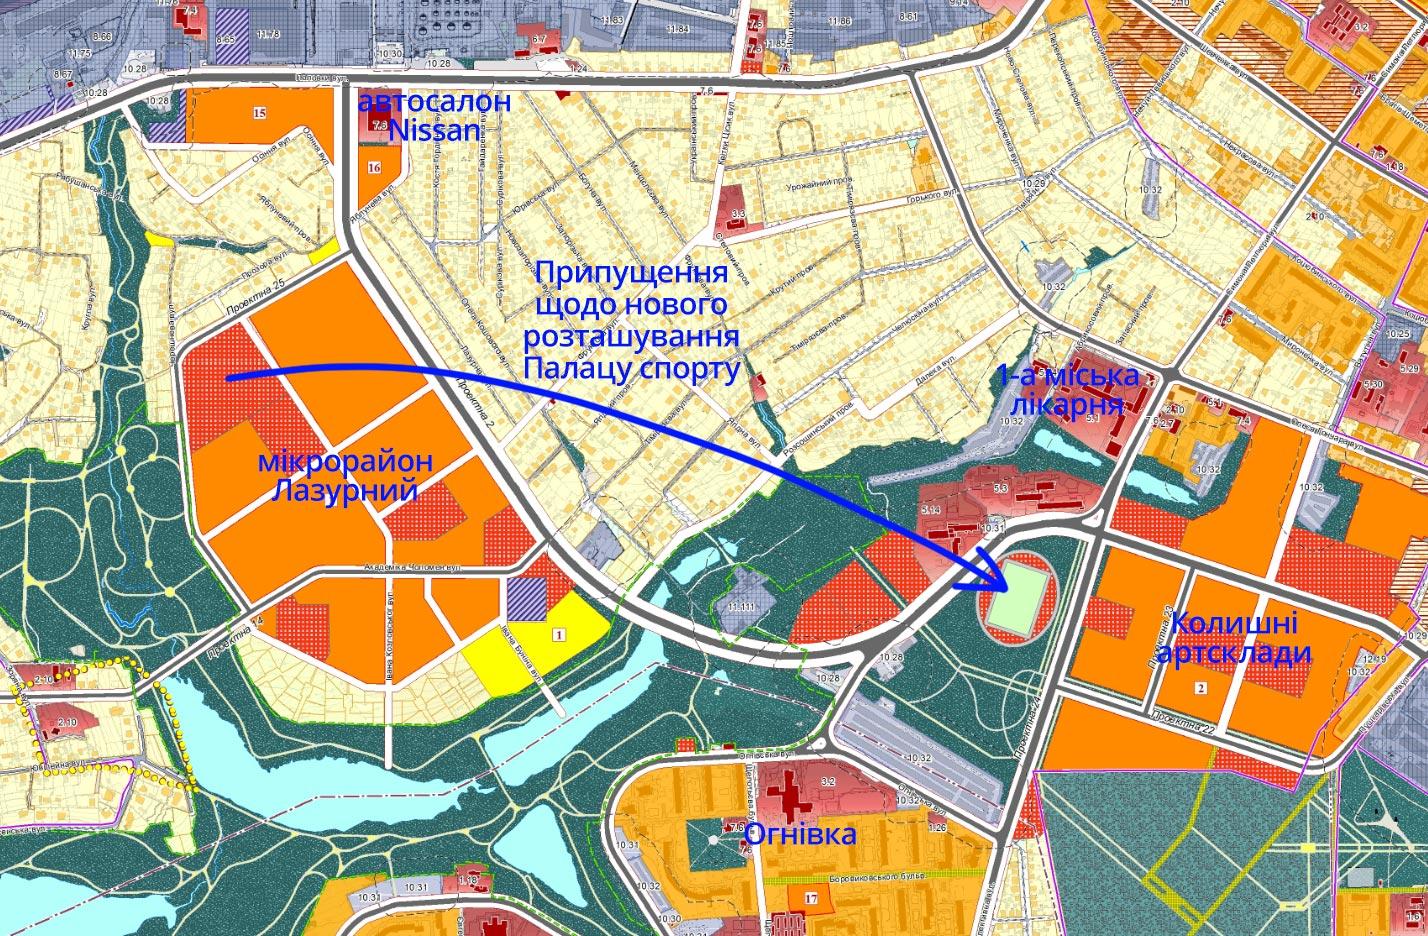 Припущення щодо нового розташування Палацу спорту